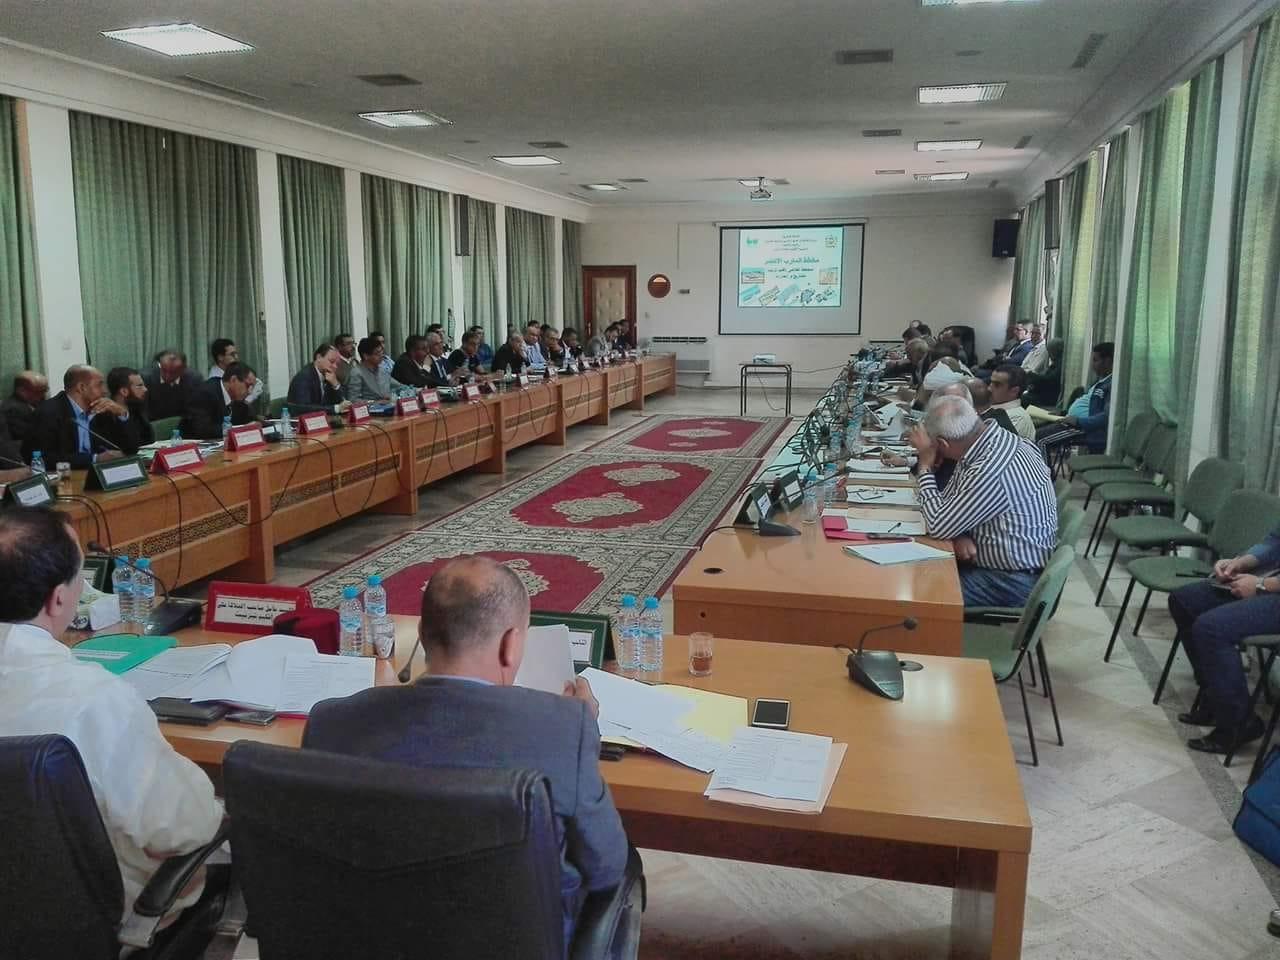 المجلس الاقليمي لتيزنيت يبرمج 87 مشروعا طرقيا على مستوى الإقليم